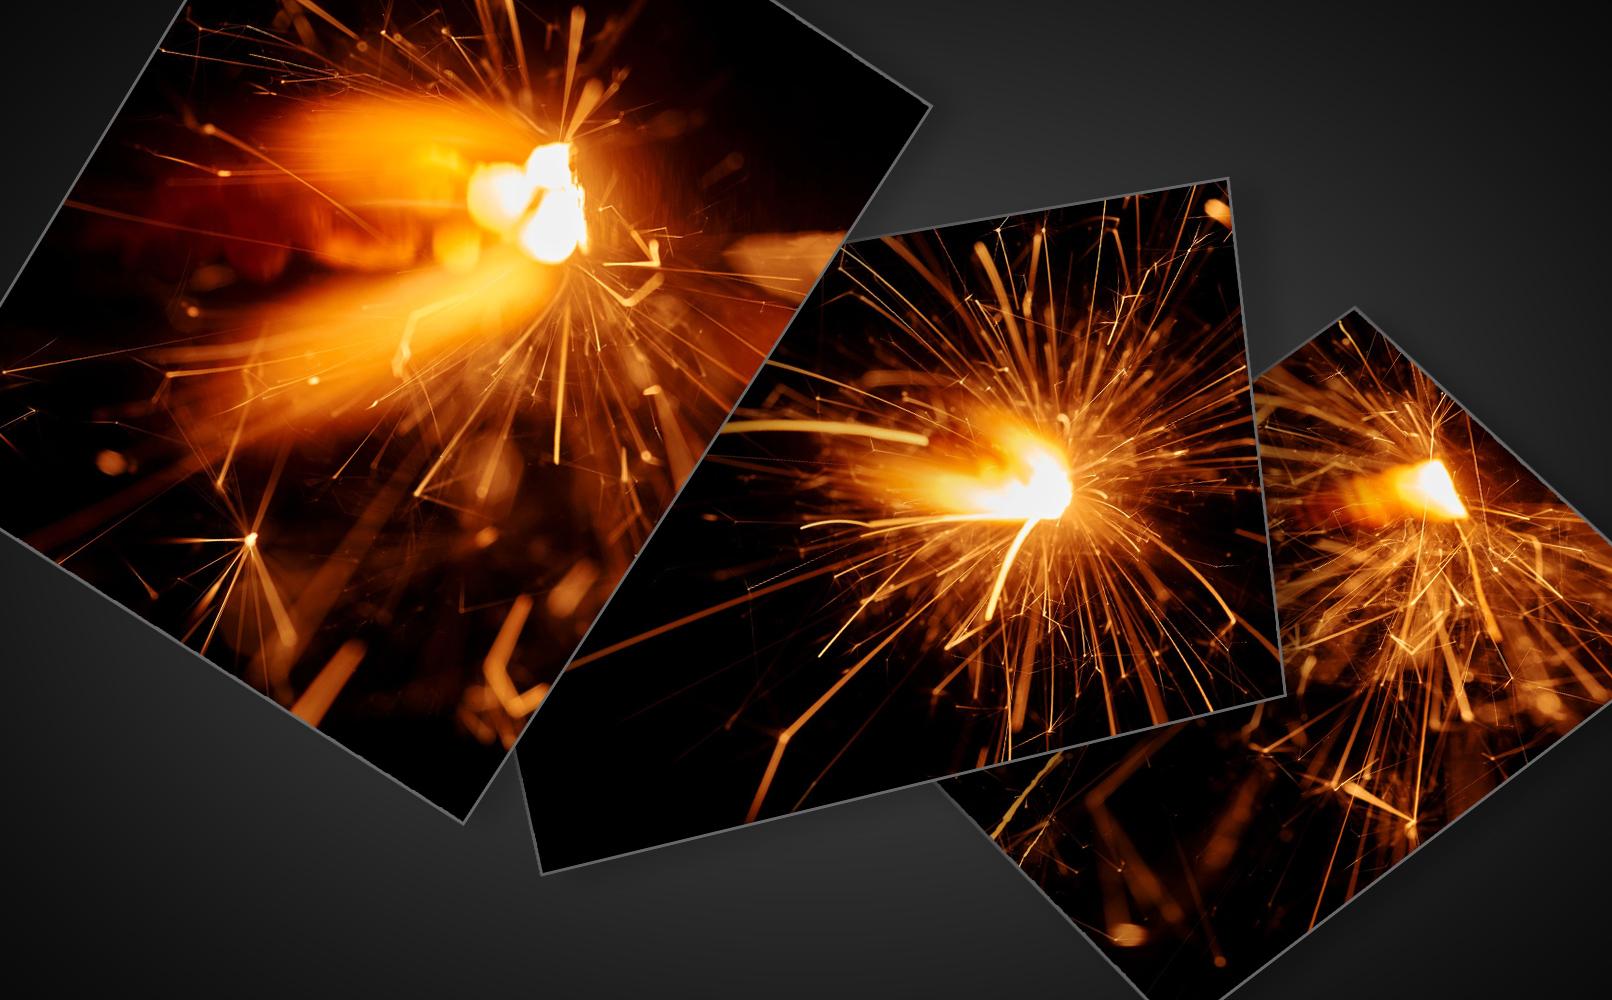 Bilder mit Sparkles, Lichteffekt und Funken zur Bildbearbeitung von Compositings.